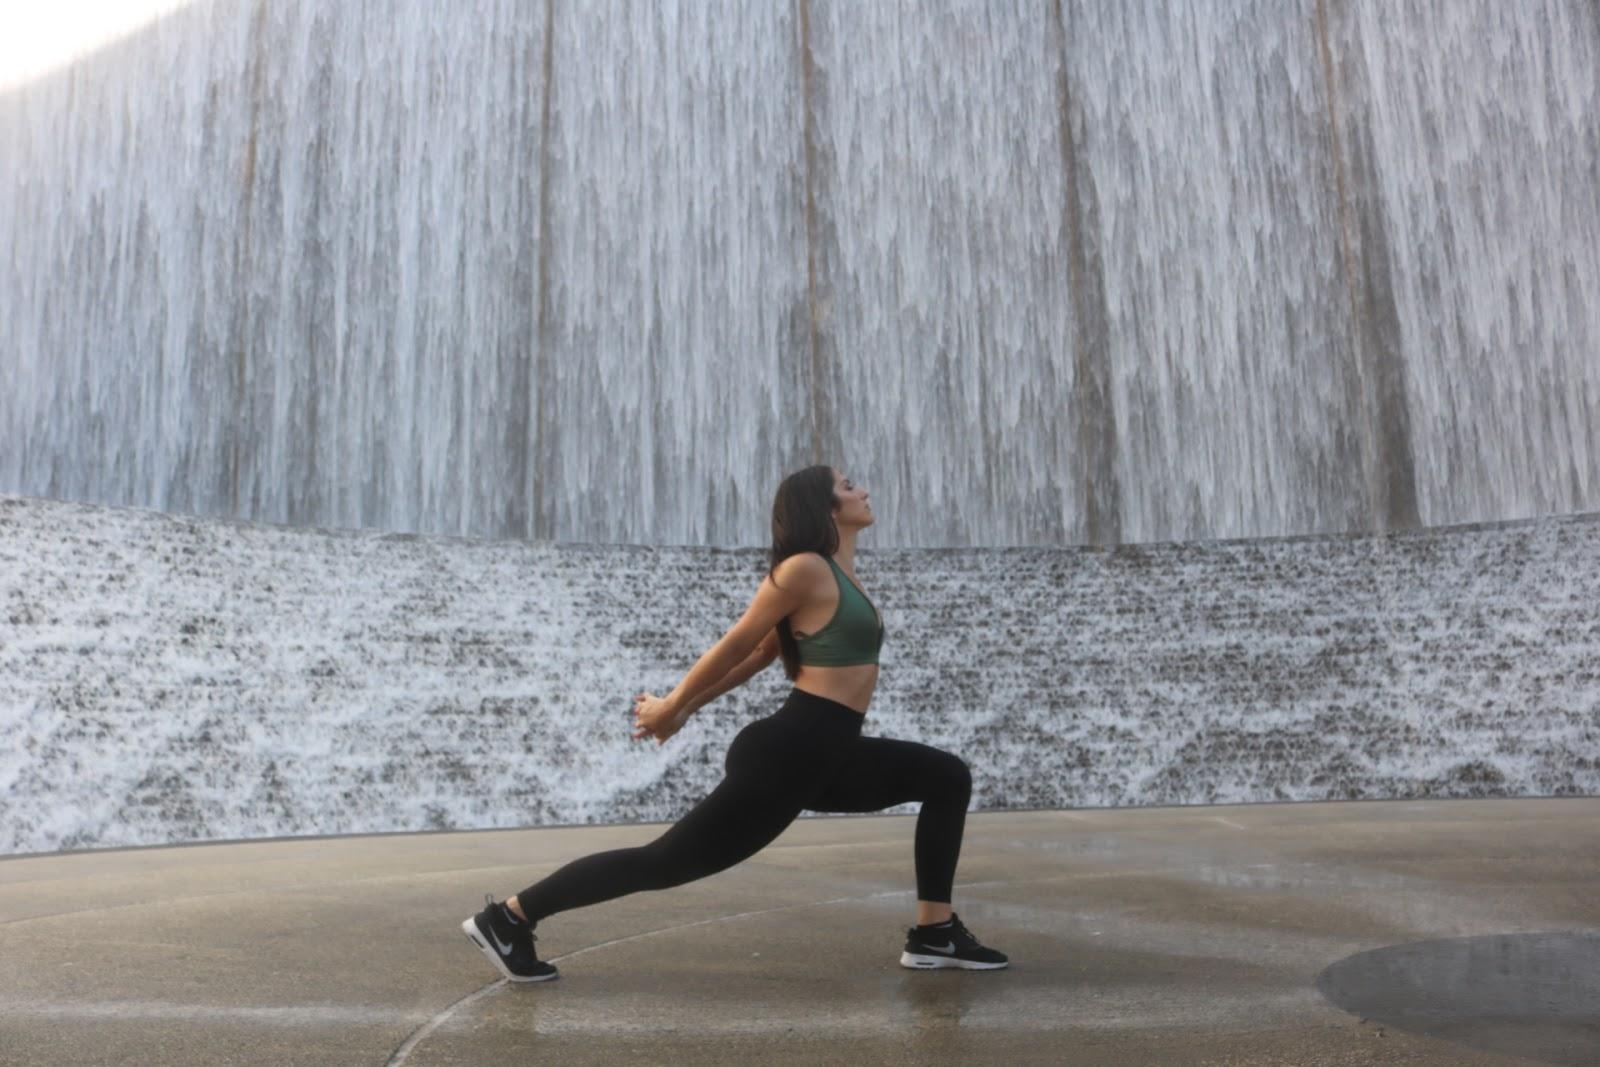 Houston Fitness Model